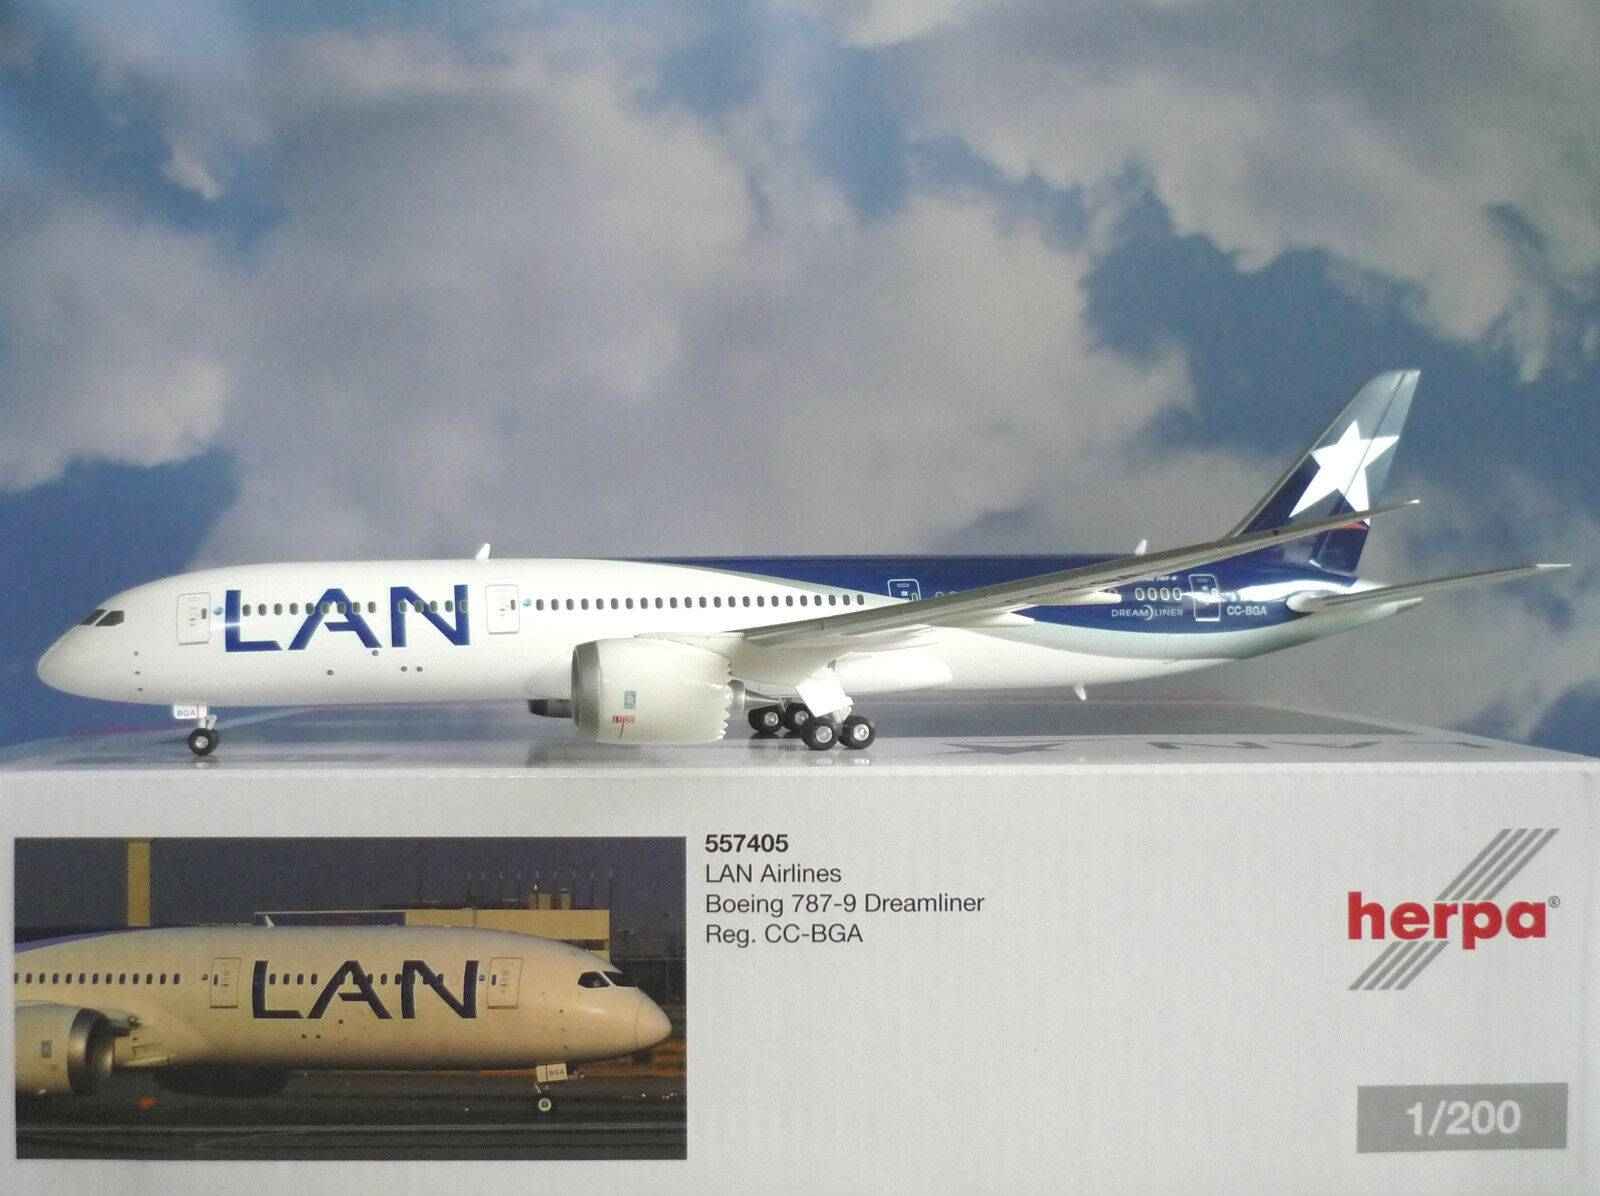 Herpa Wings 1 200 Boeing 787-9 Dreamliner LAN Airlines CC-BGA 557405